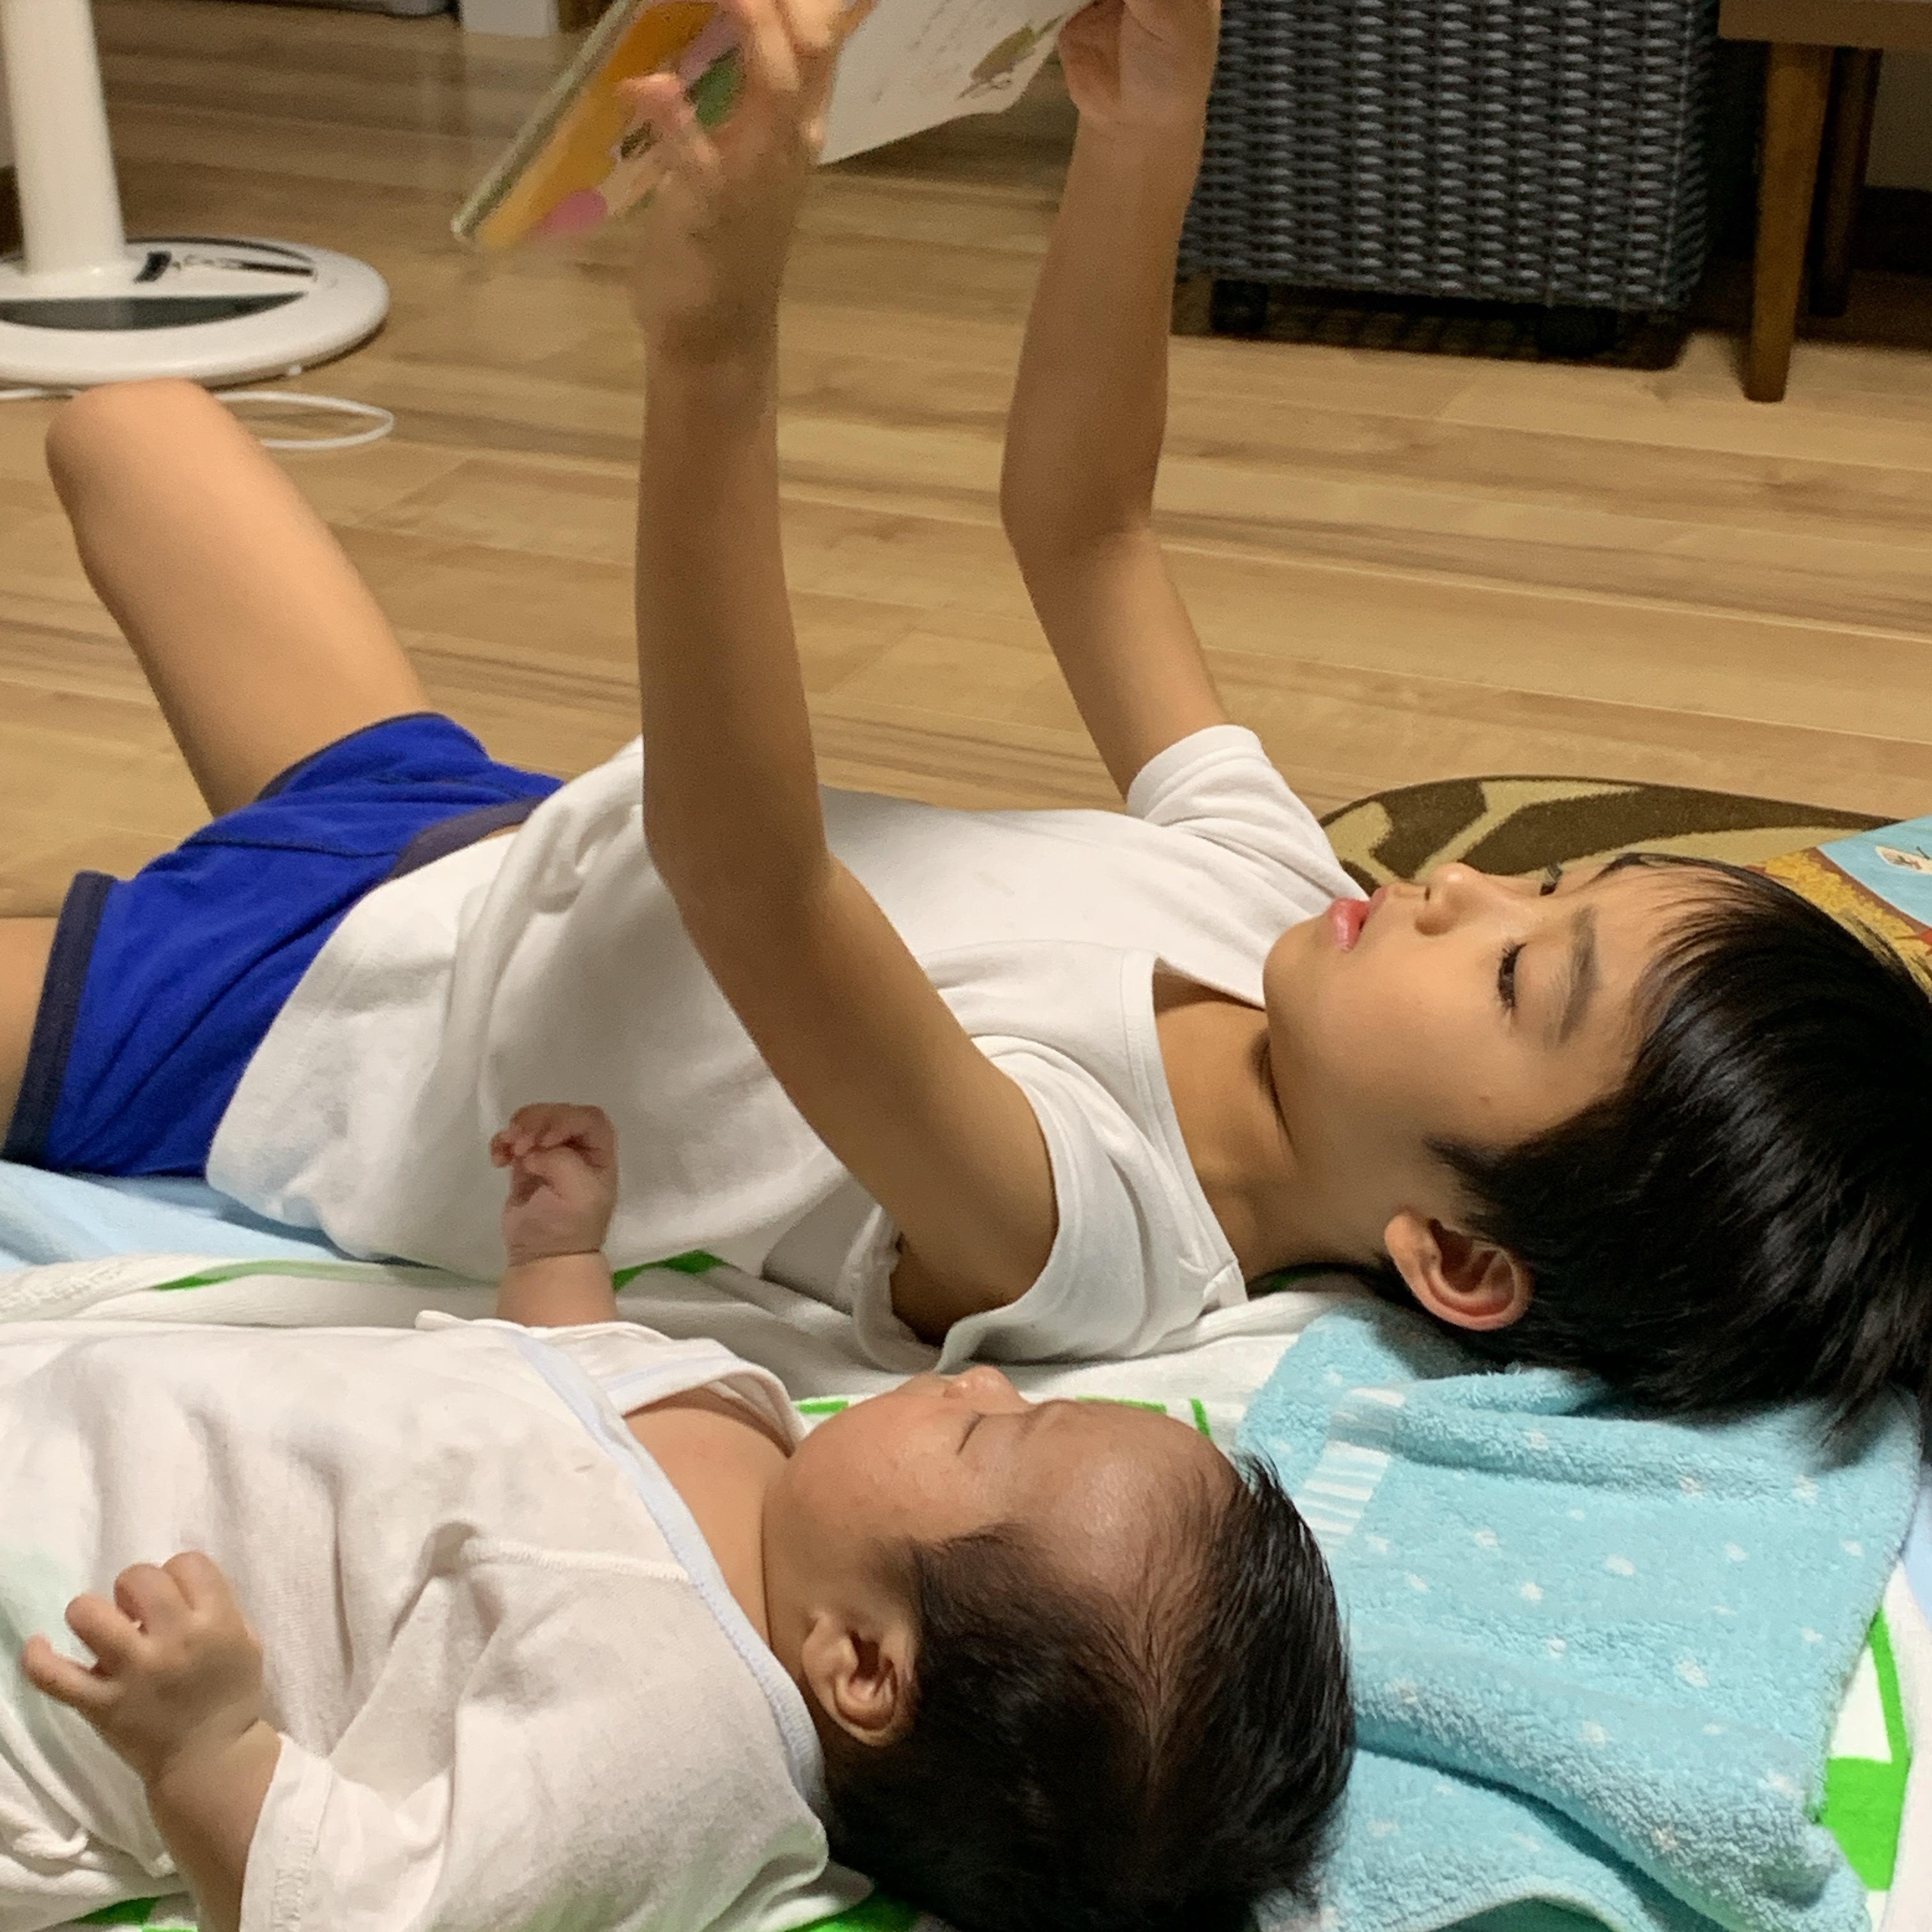 img 2196 - お兄ちゃんの読み聞かせ。お姉ちゃんの寝かしつけ。